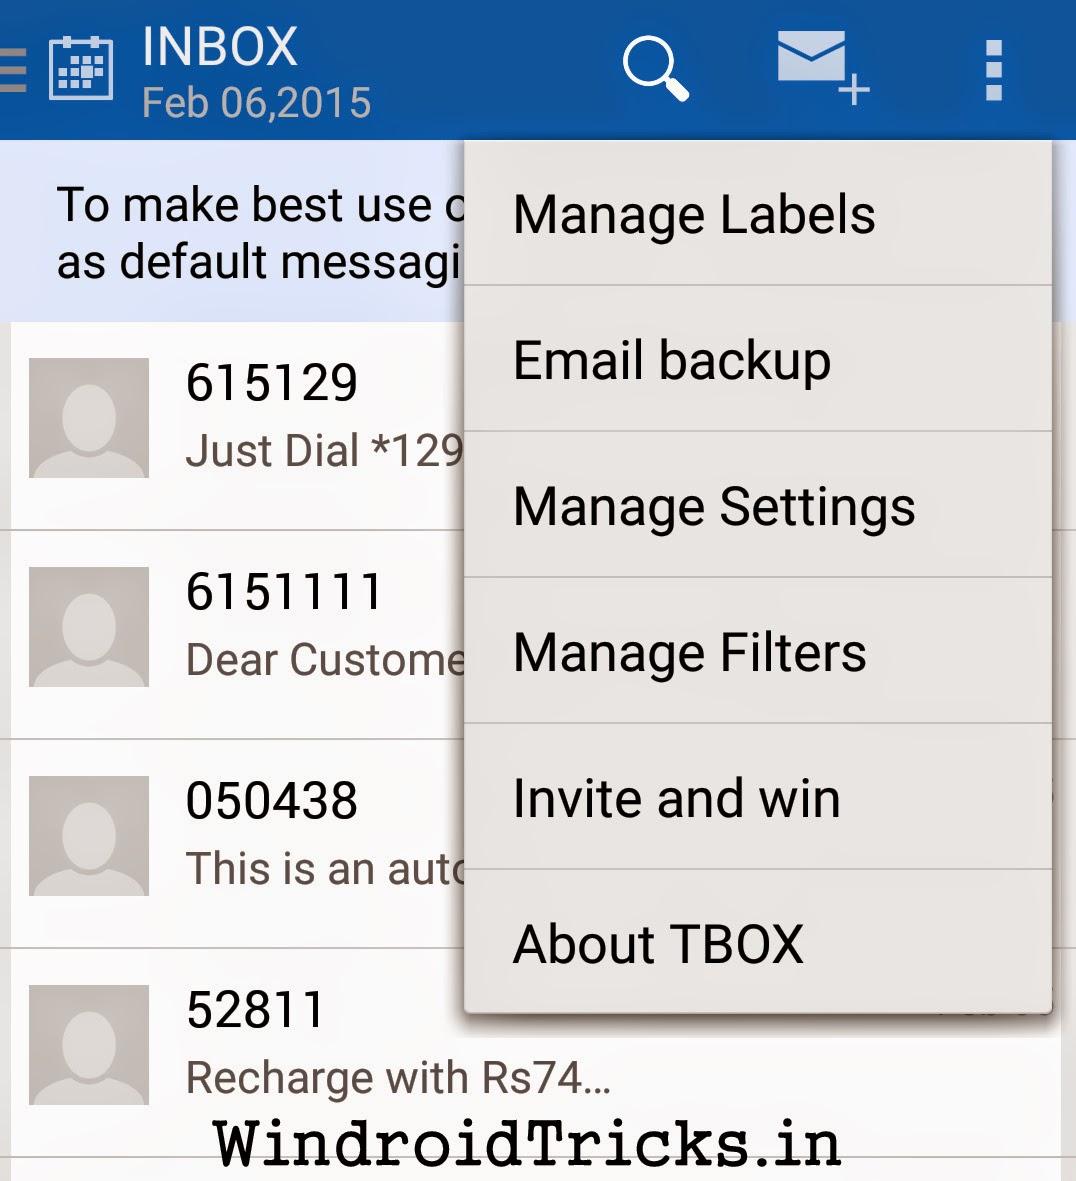 tbox invite